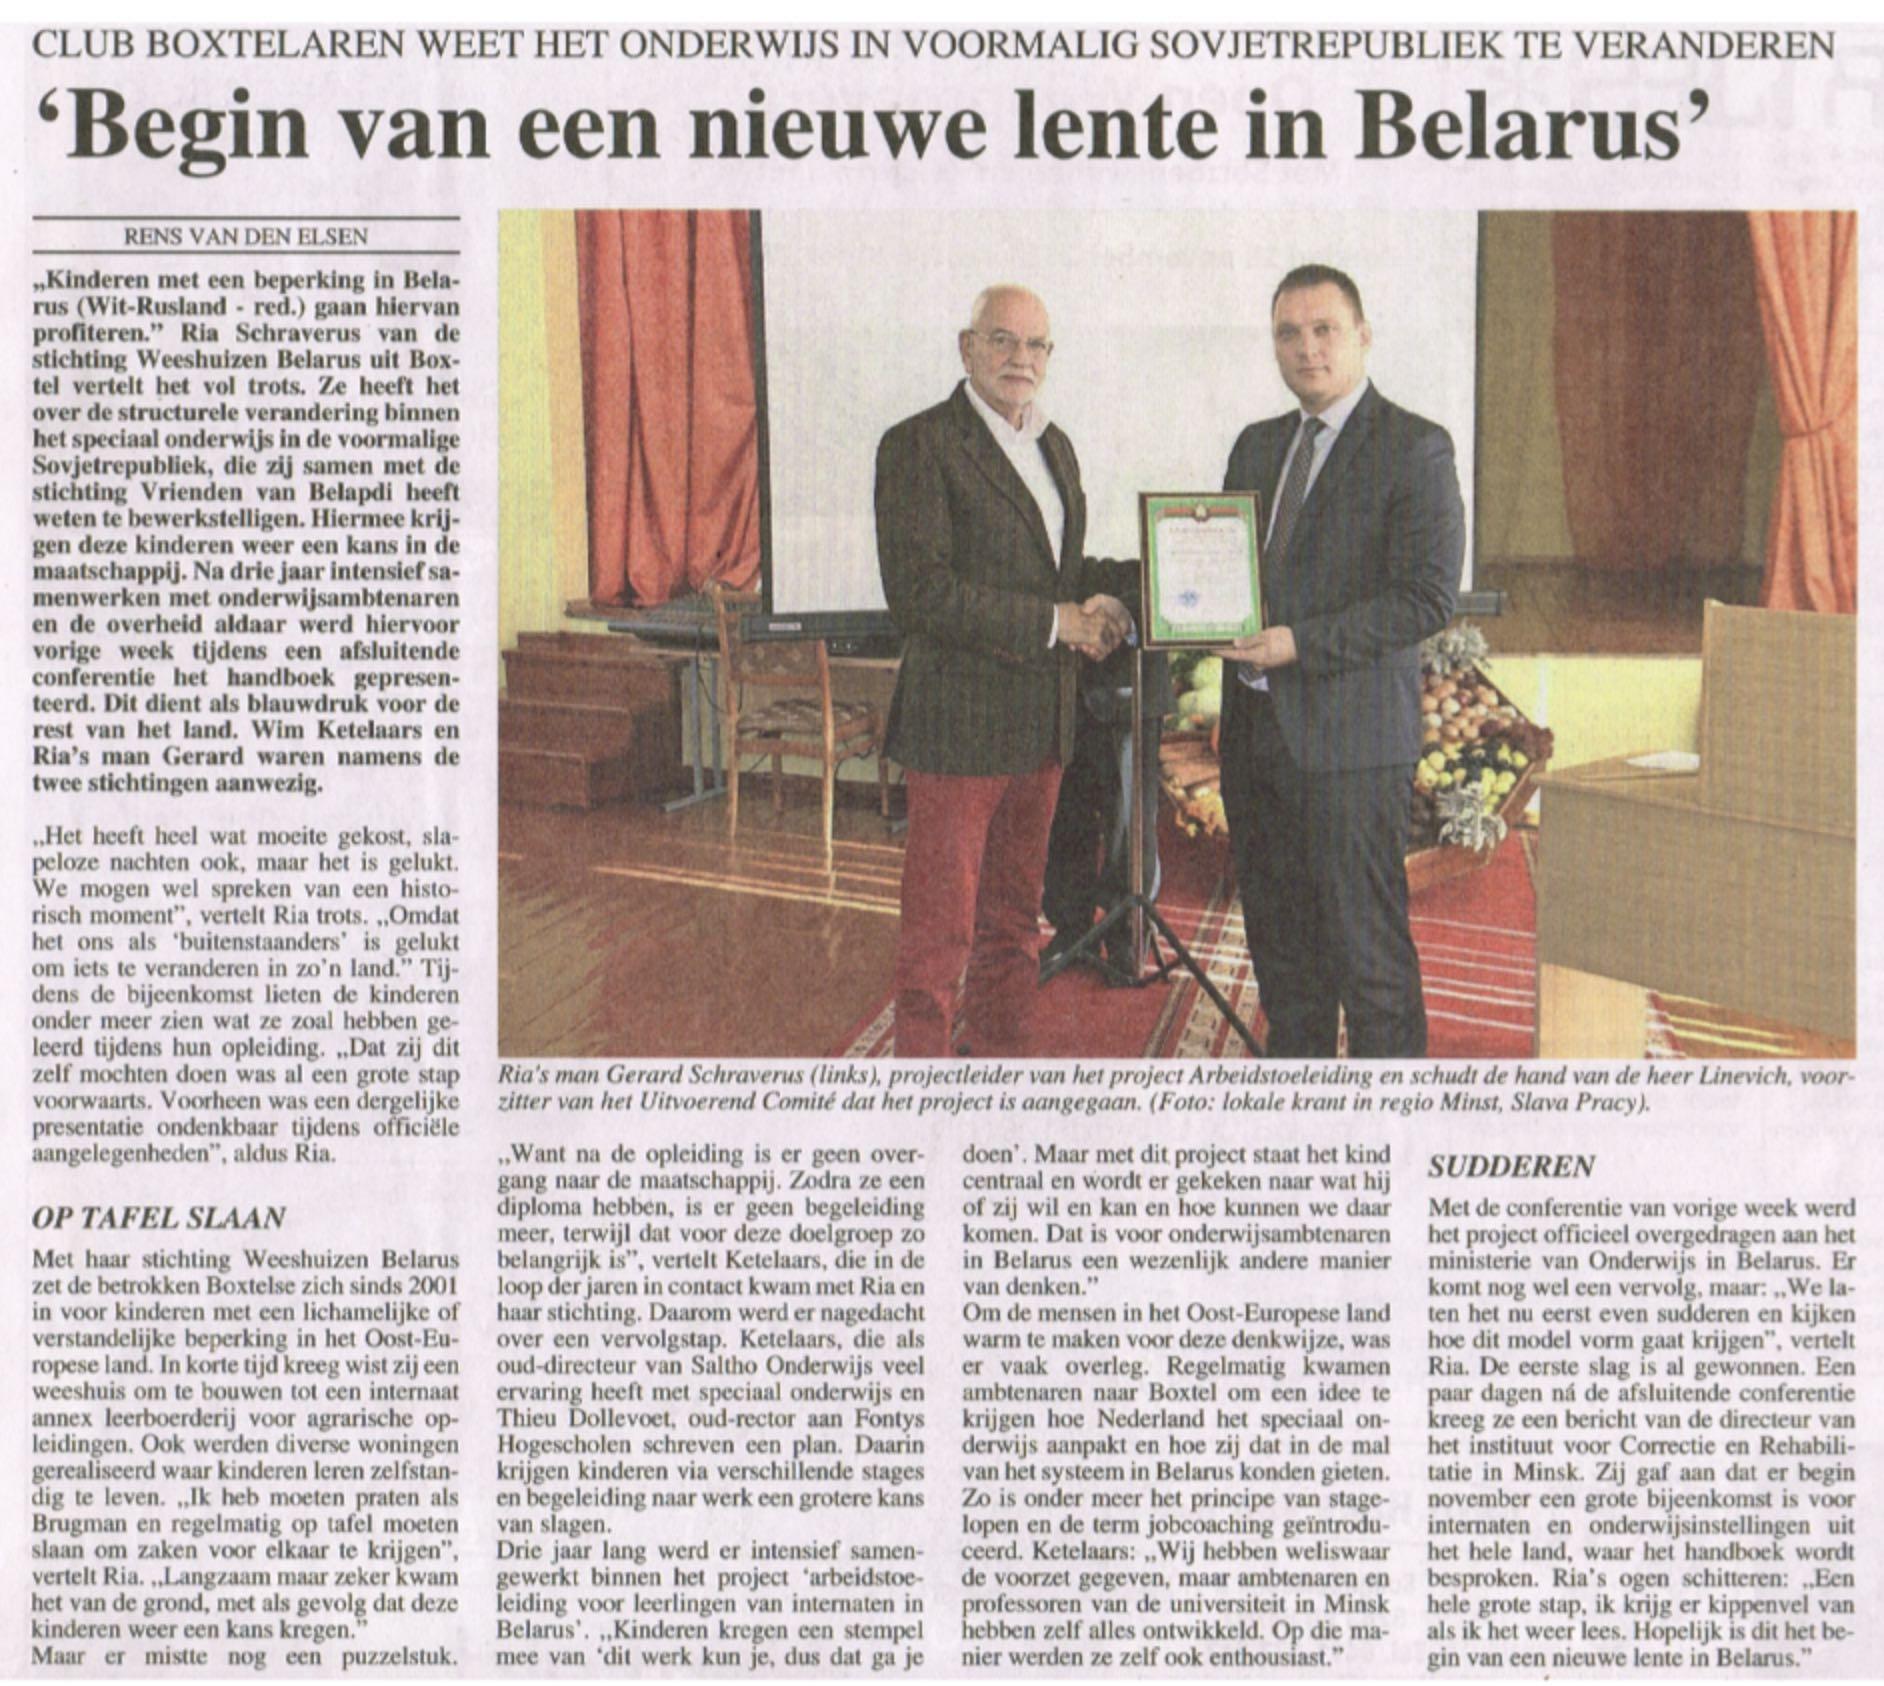 2018 Artikel Brabants Daglad project Arbeidstoeleiding Weeshuizen Belarus